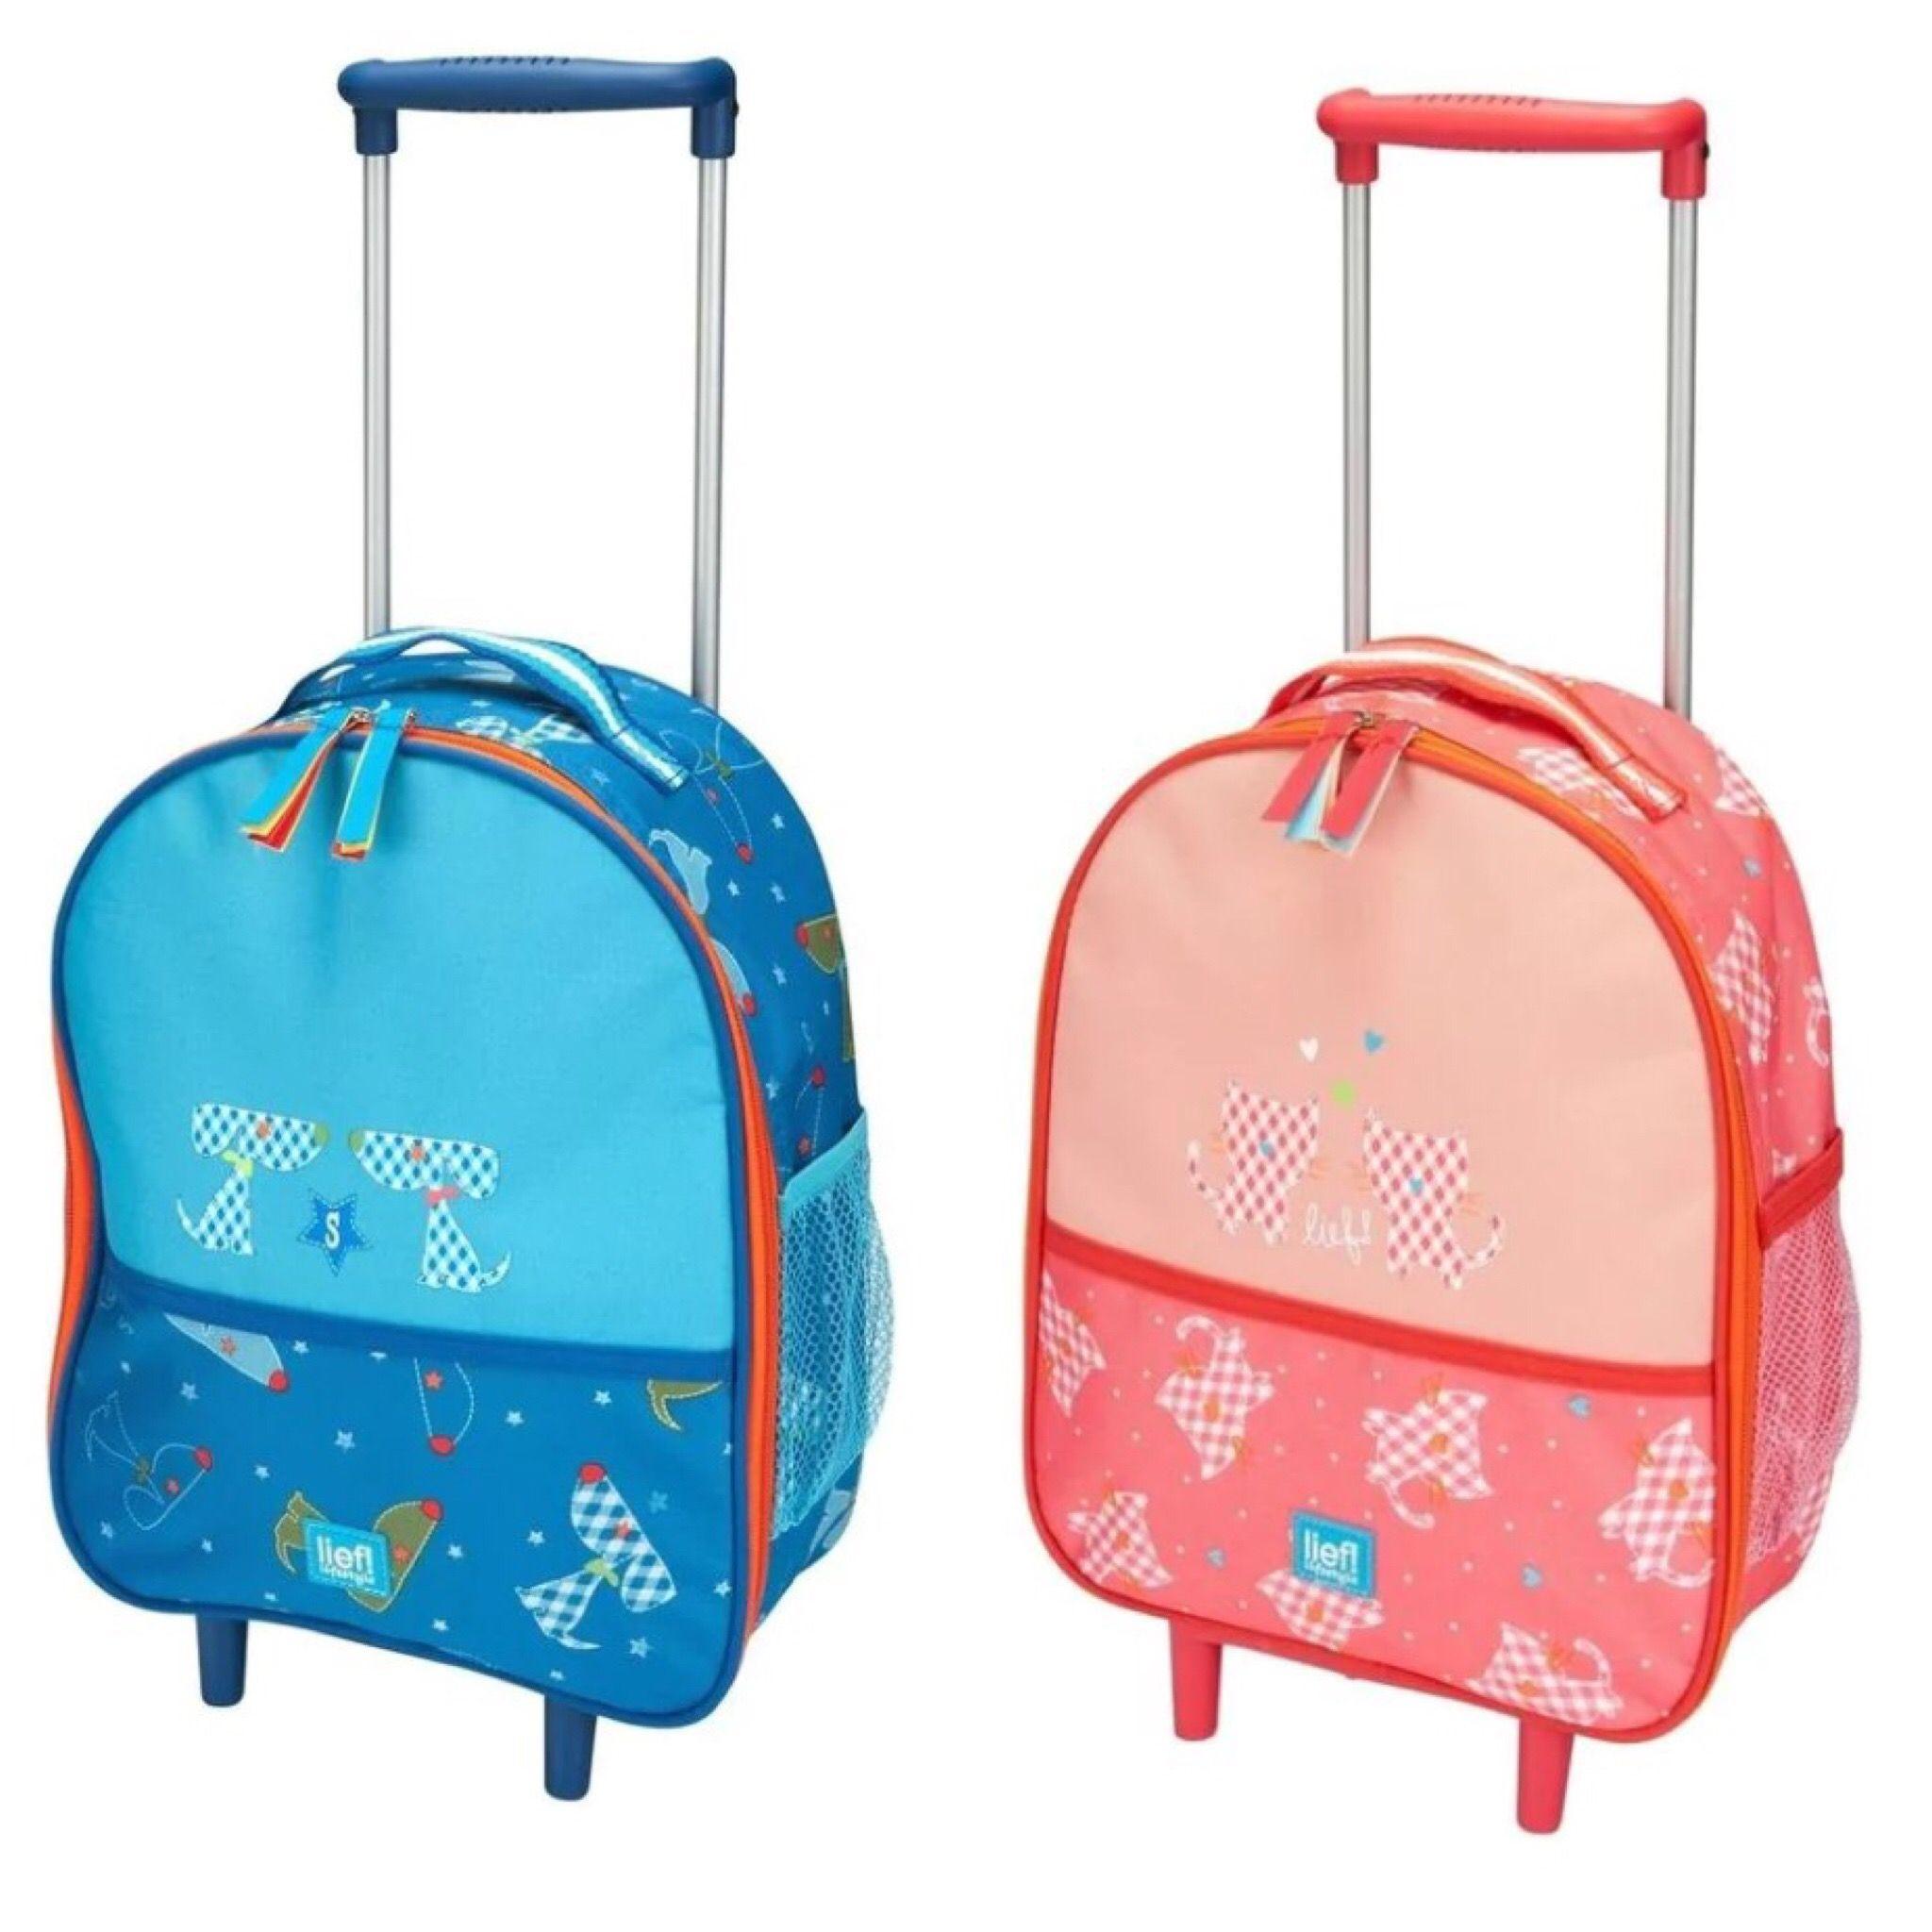 f29ed26de9c lief! lifestyle voor Kruidvat limited edition collectie voorjaar 2018 -  rugzak reistrolleys voor jongens &